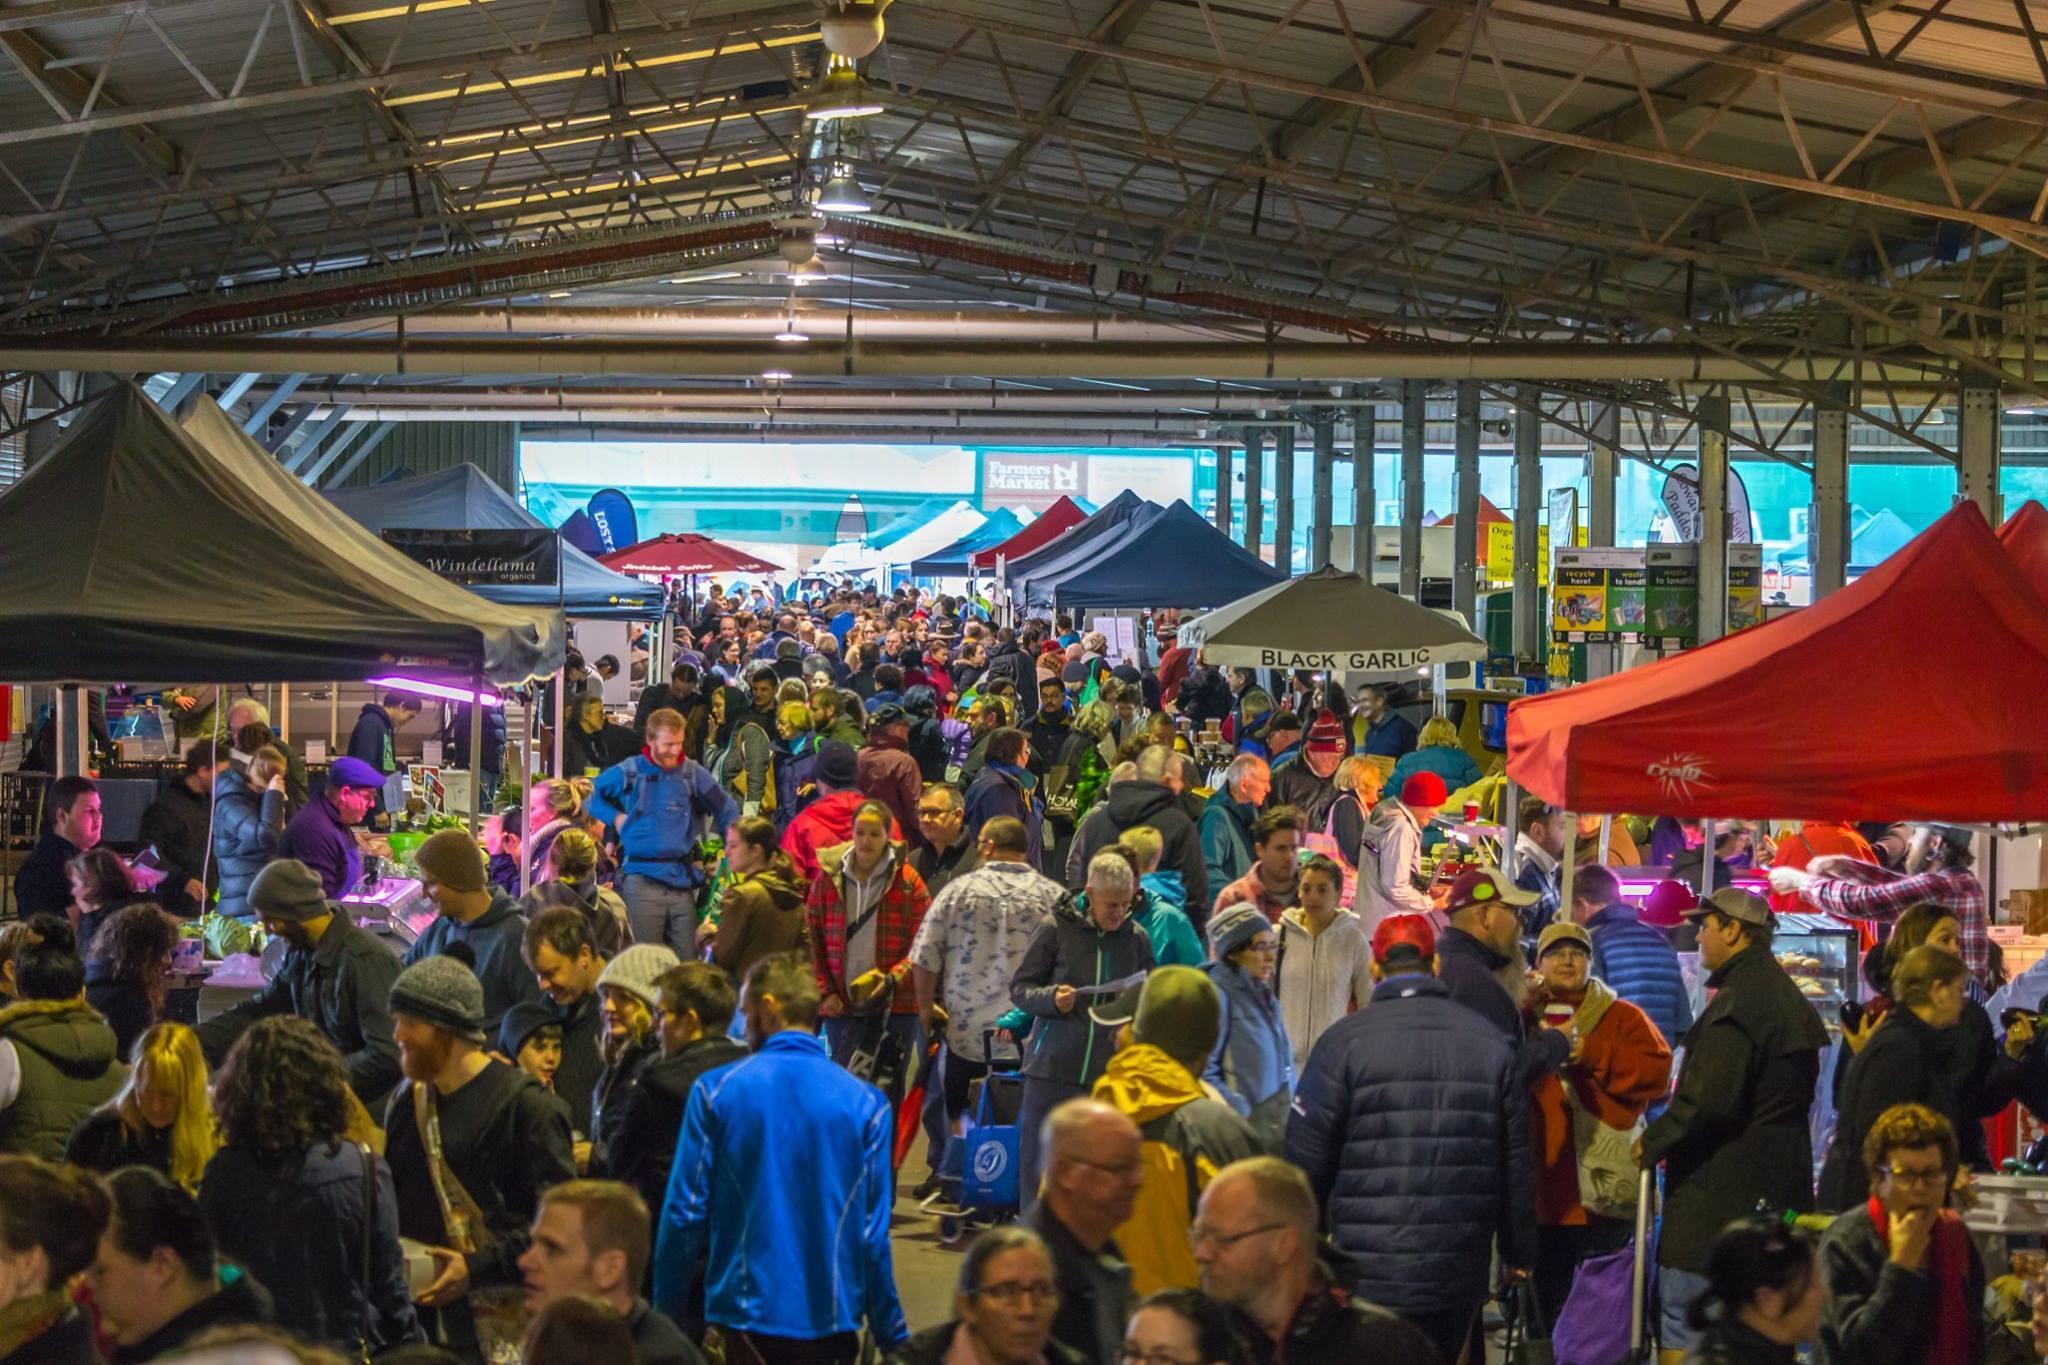 캔버라를 생생히 느낄 수 있는 공간! 바로 Capital Region Farmers Market입니다. 호주의 시장은 어떤 느낌일까요? :)  #호주 #wowaustralia   사진1) @dkolsky https://t.co/R9v1829ZK9